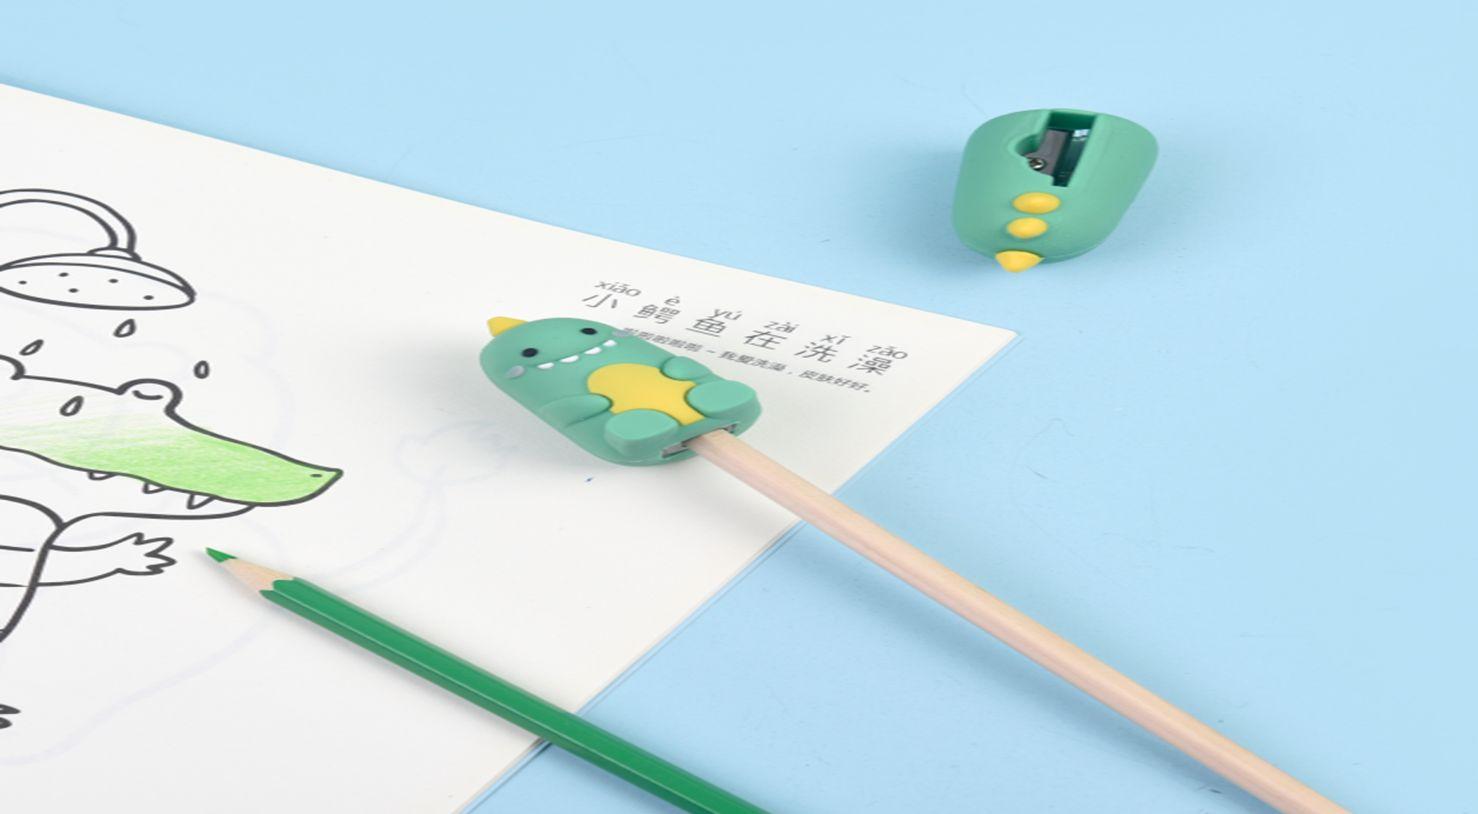 义乌好货 小恐龙卷笔刀/28708